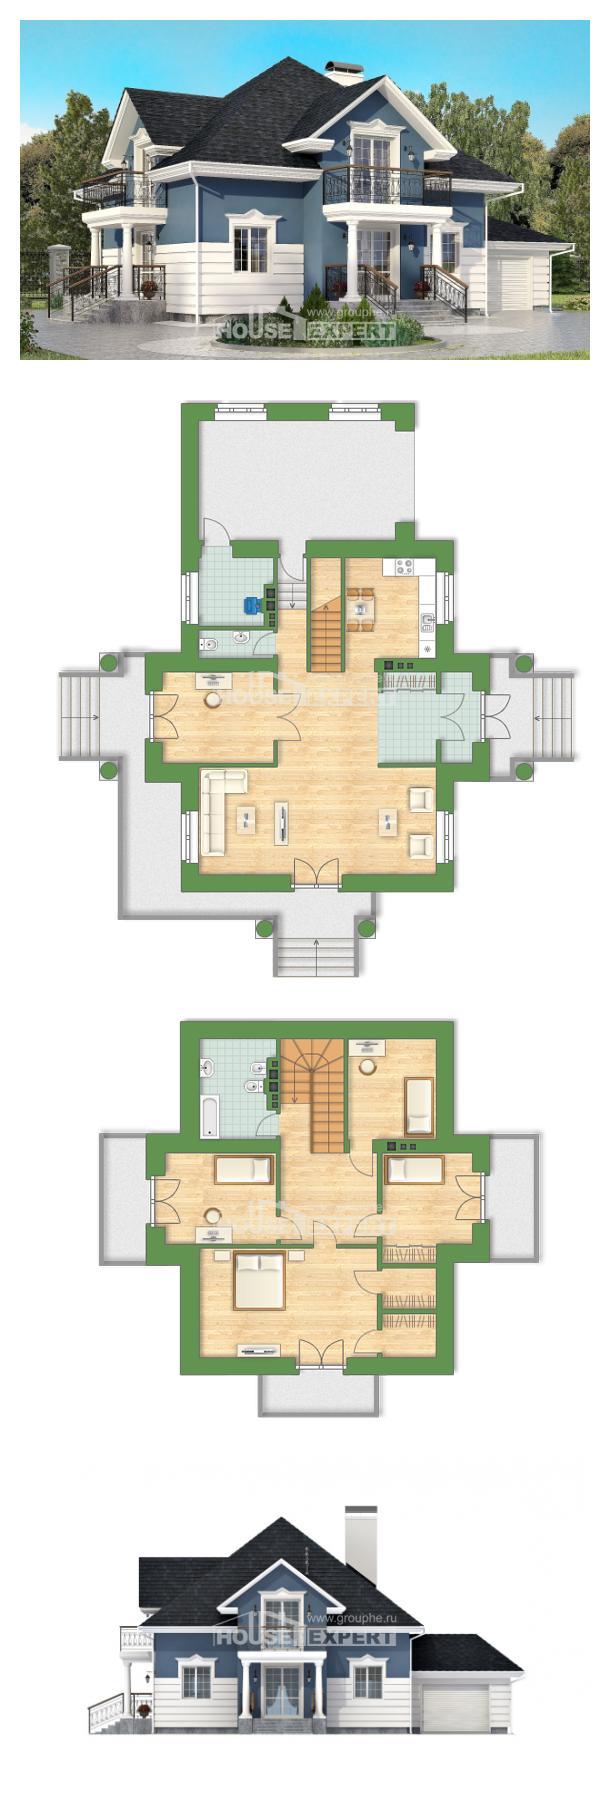 Plan 180-002-R | House Expert